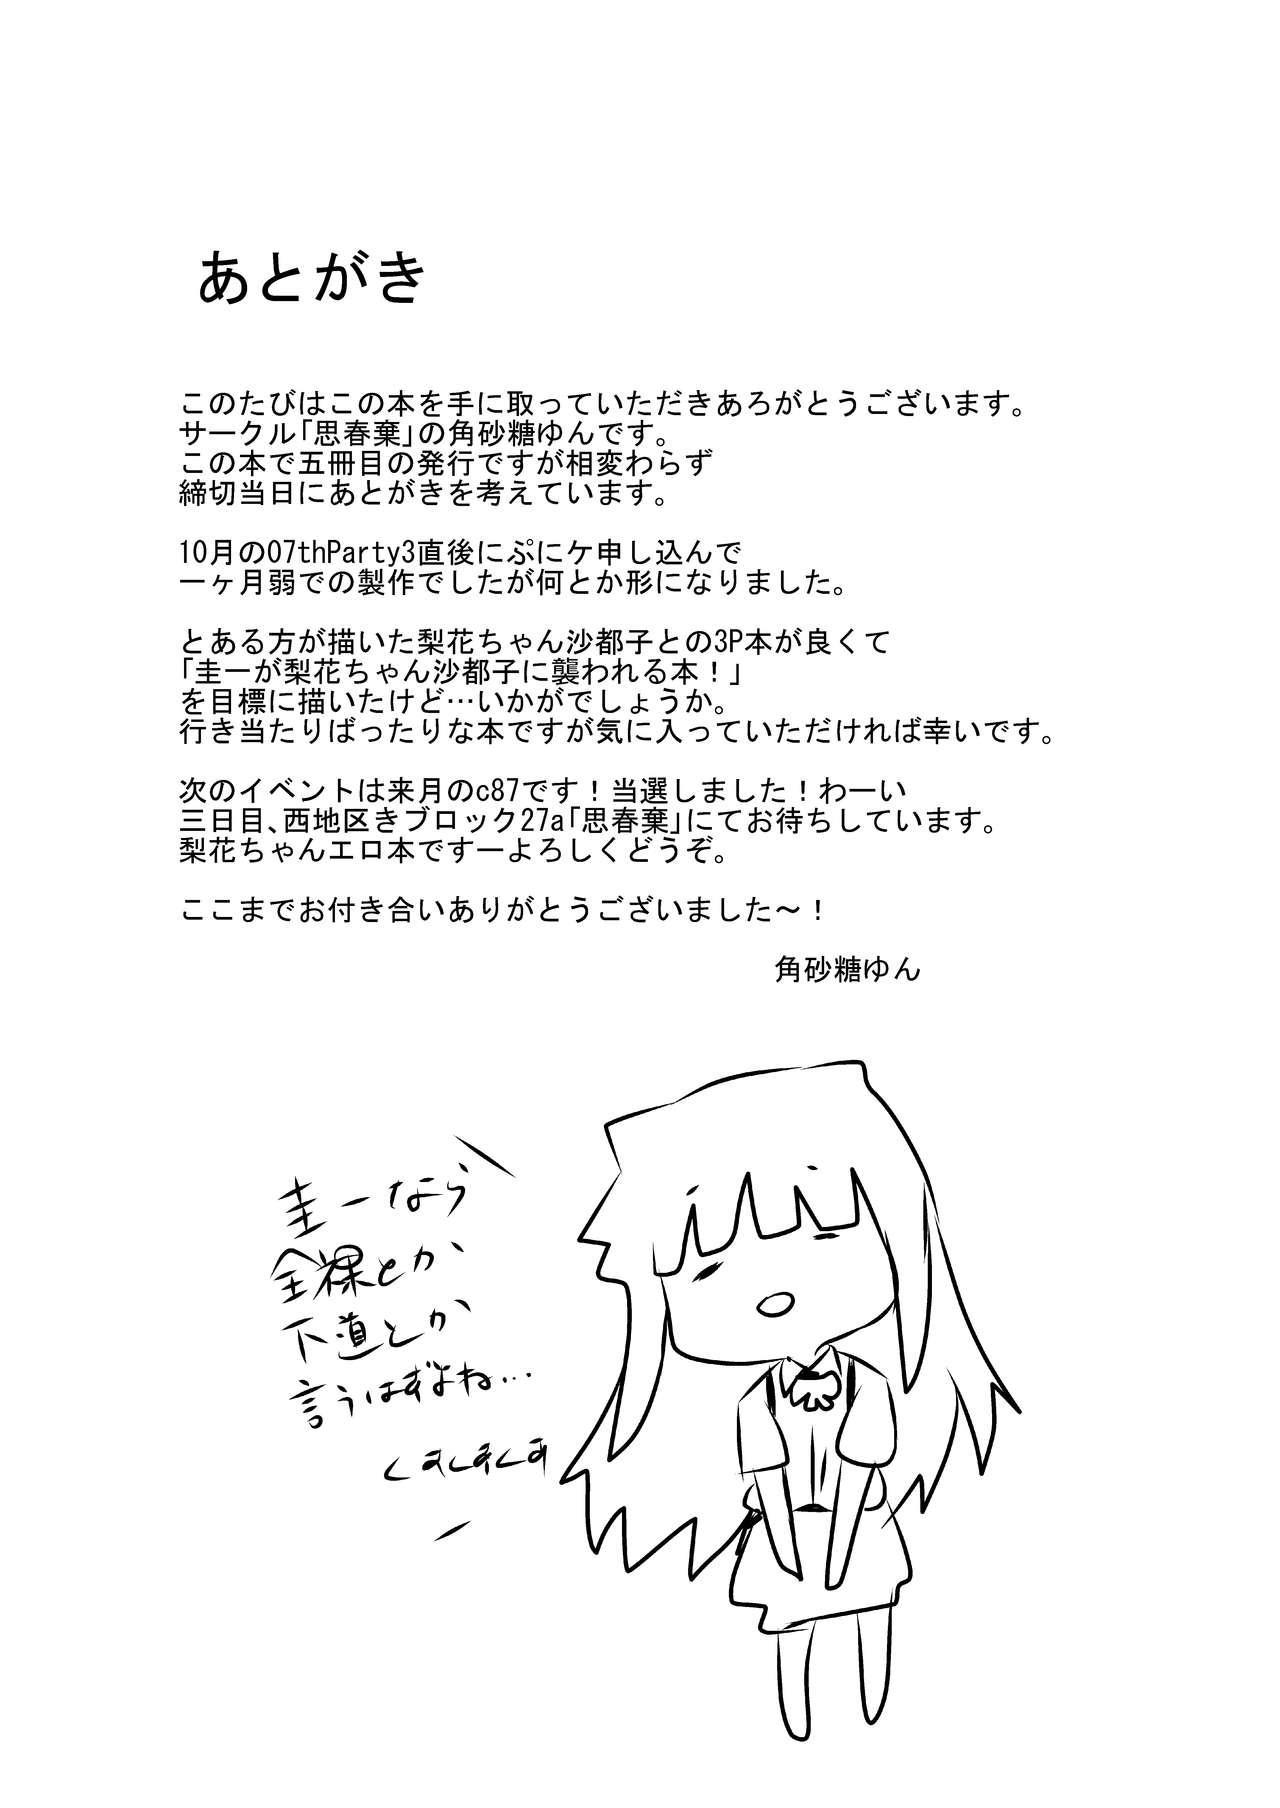 Rika-chan to Satoko ga Keiichi o osou hon 14